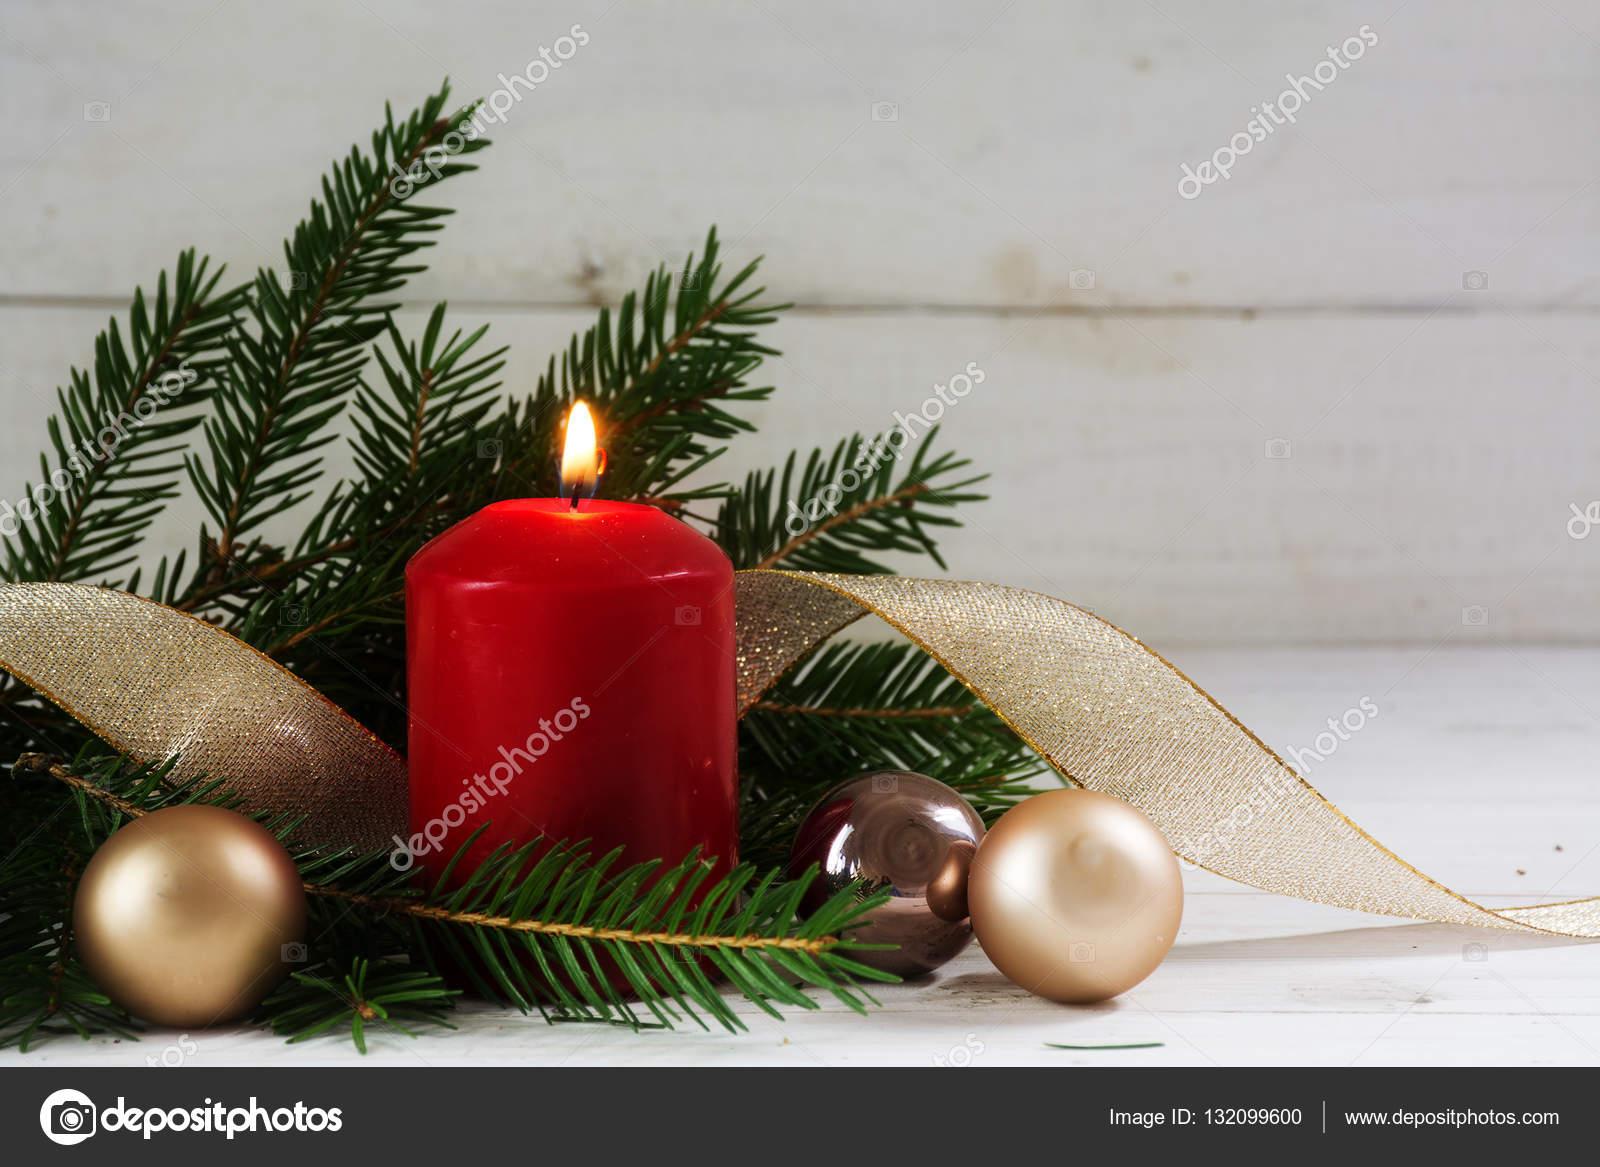 Kugel Für Tannenbaum.Brennende Kerze Mit Weihnachten Dekoration Tannenbaum Kugeln Und